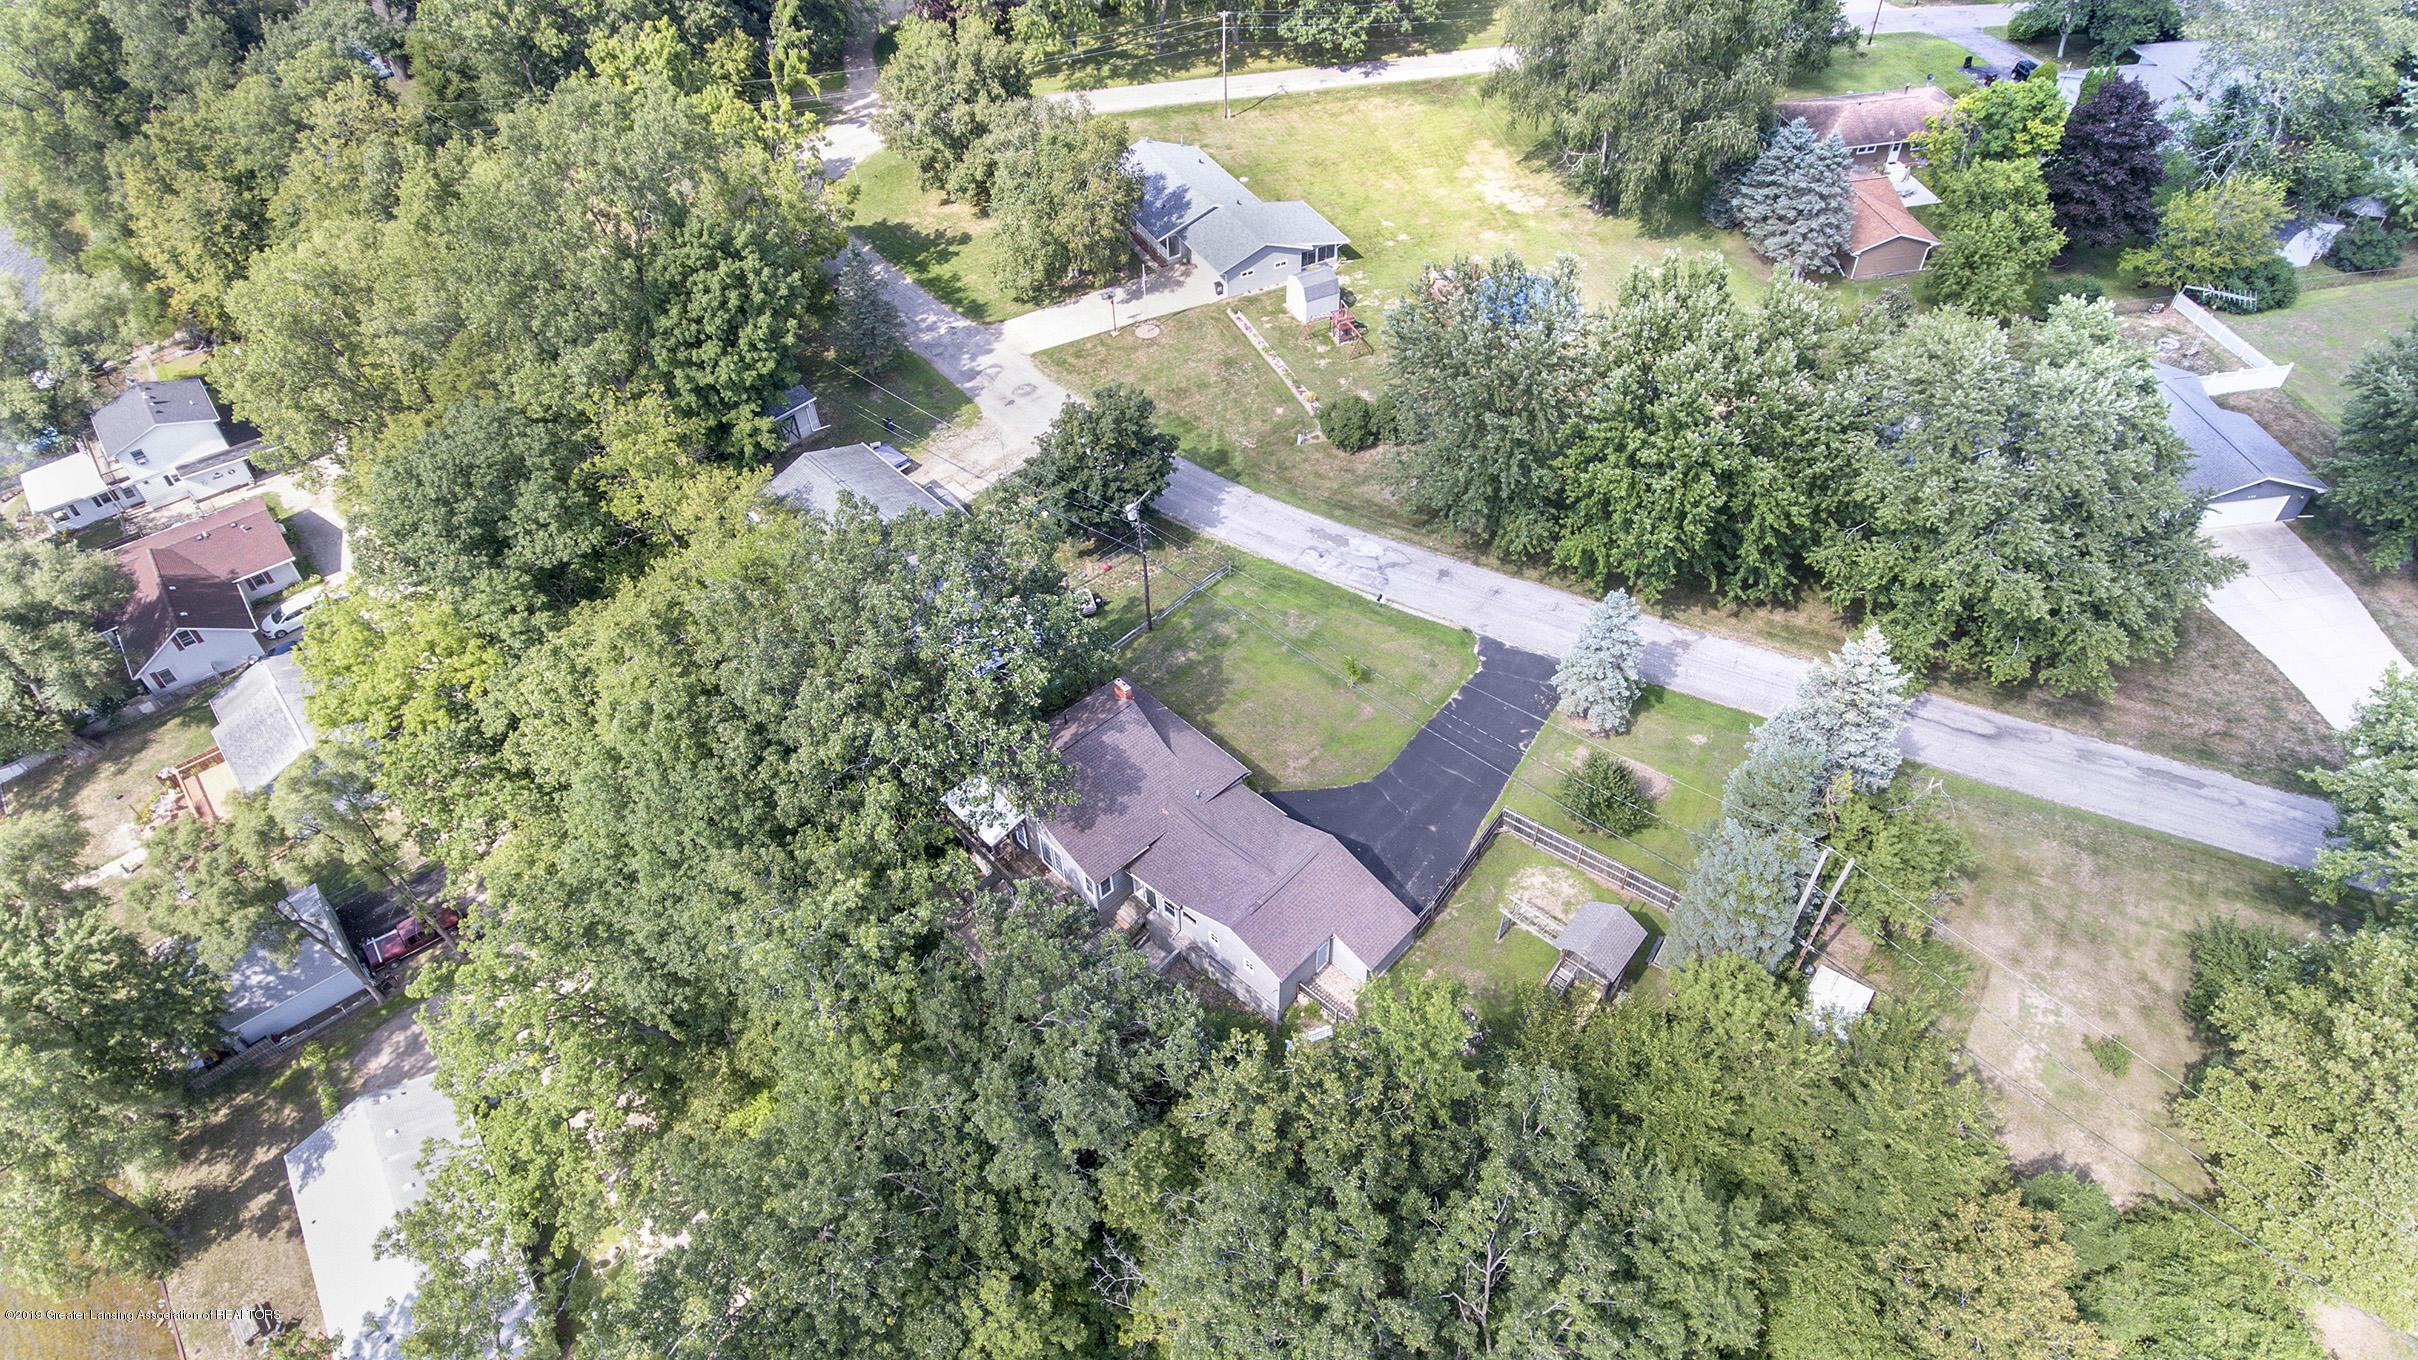 735 S Cloverhill Rd - Photo Aug 16, 3 53 44 PM-1 - 36